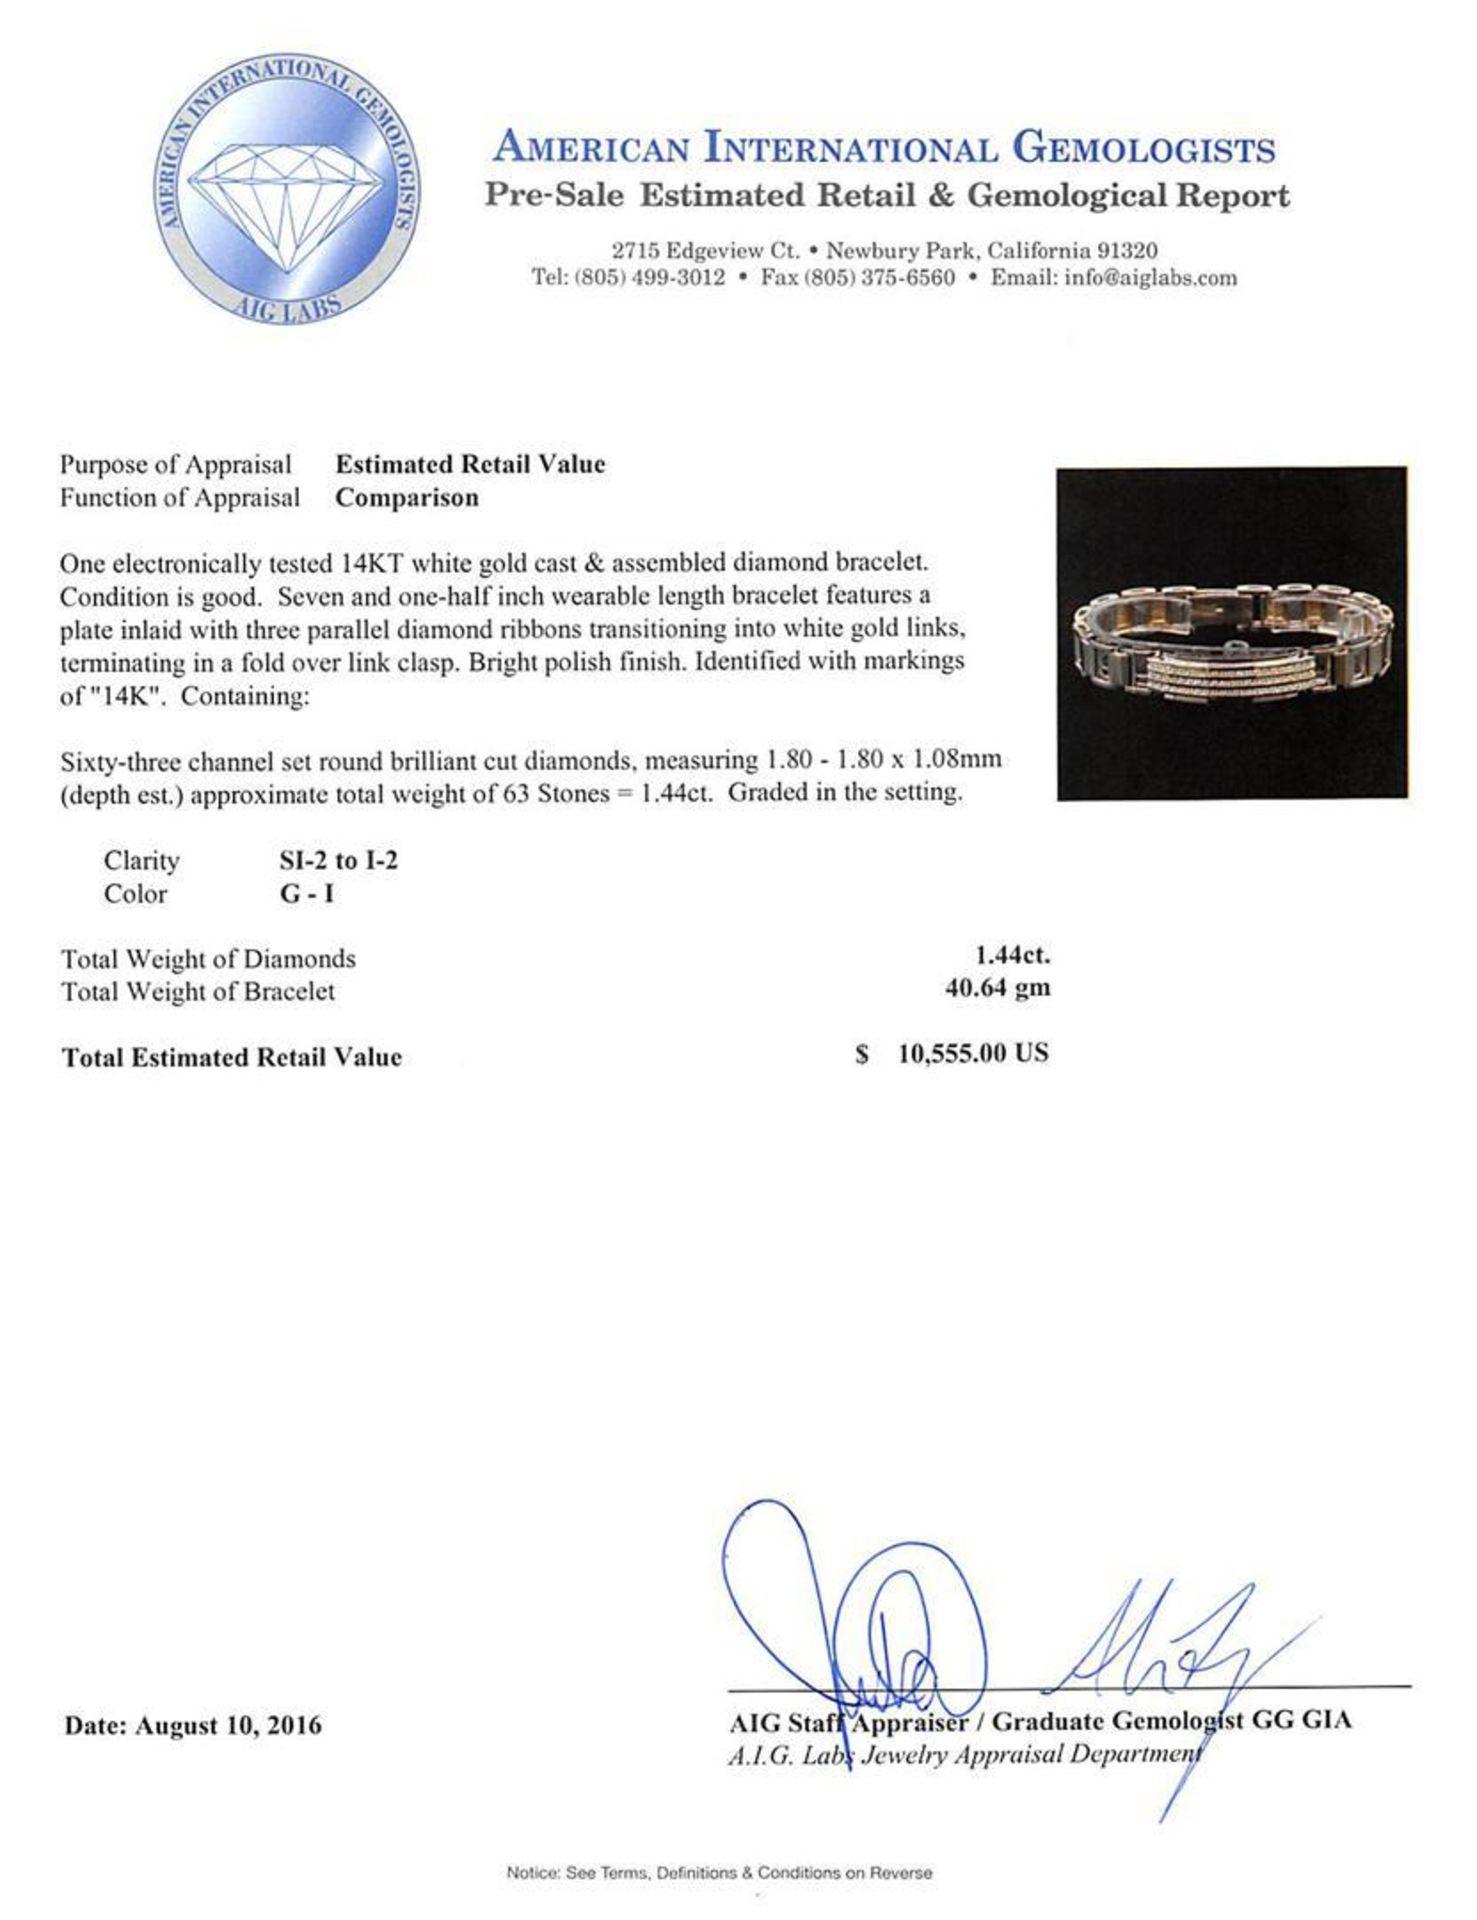 1.44 ctw Diamond Bracelet - 14KT White Gold - Image 4 of 4